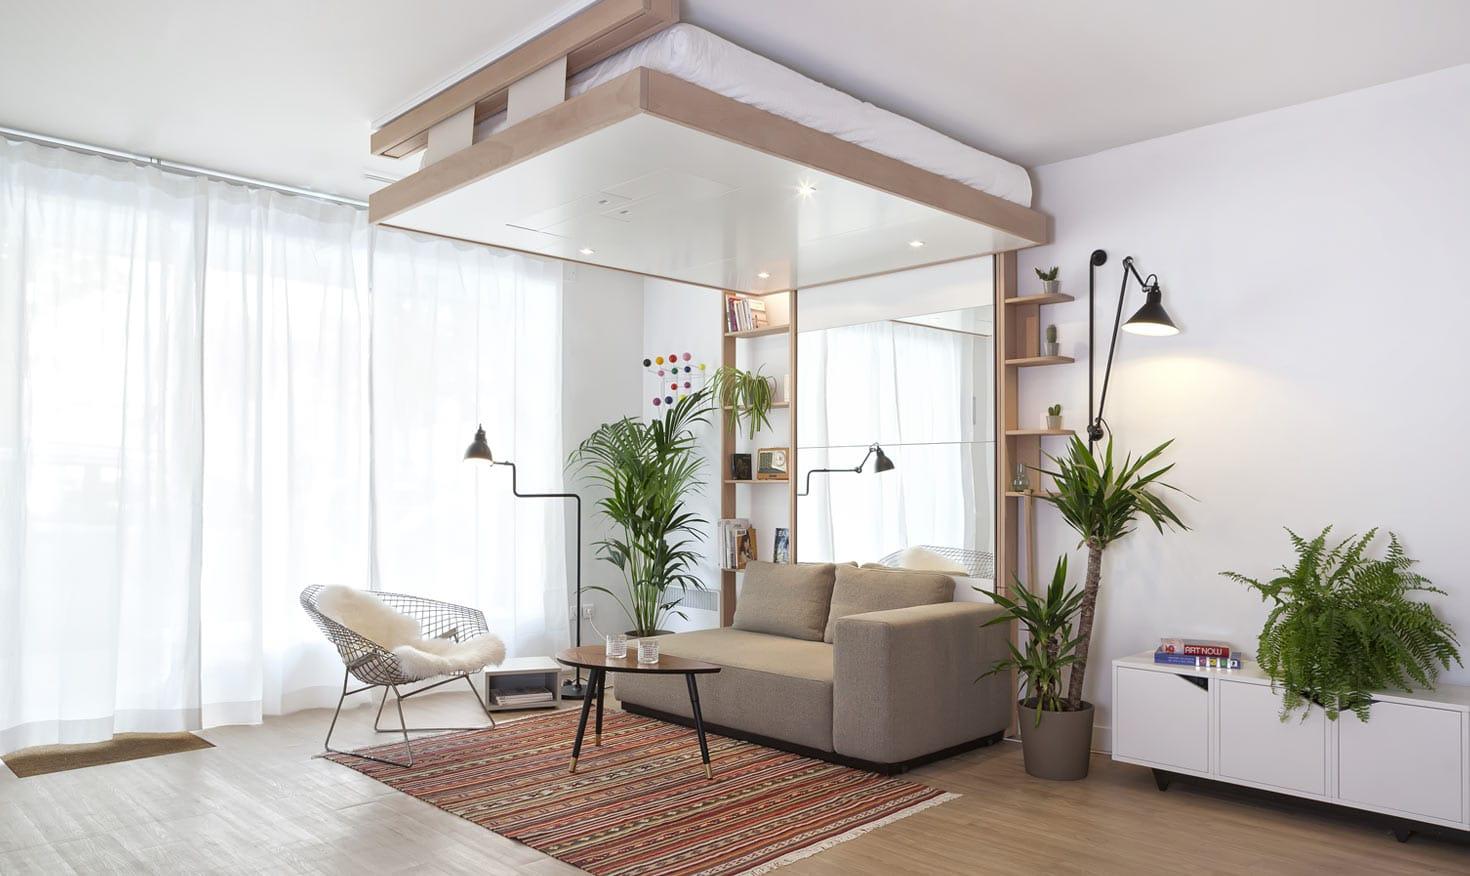 Le Lit Escamotable BedUp Cocoon Monte Et Disparait Au Plafond.